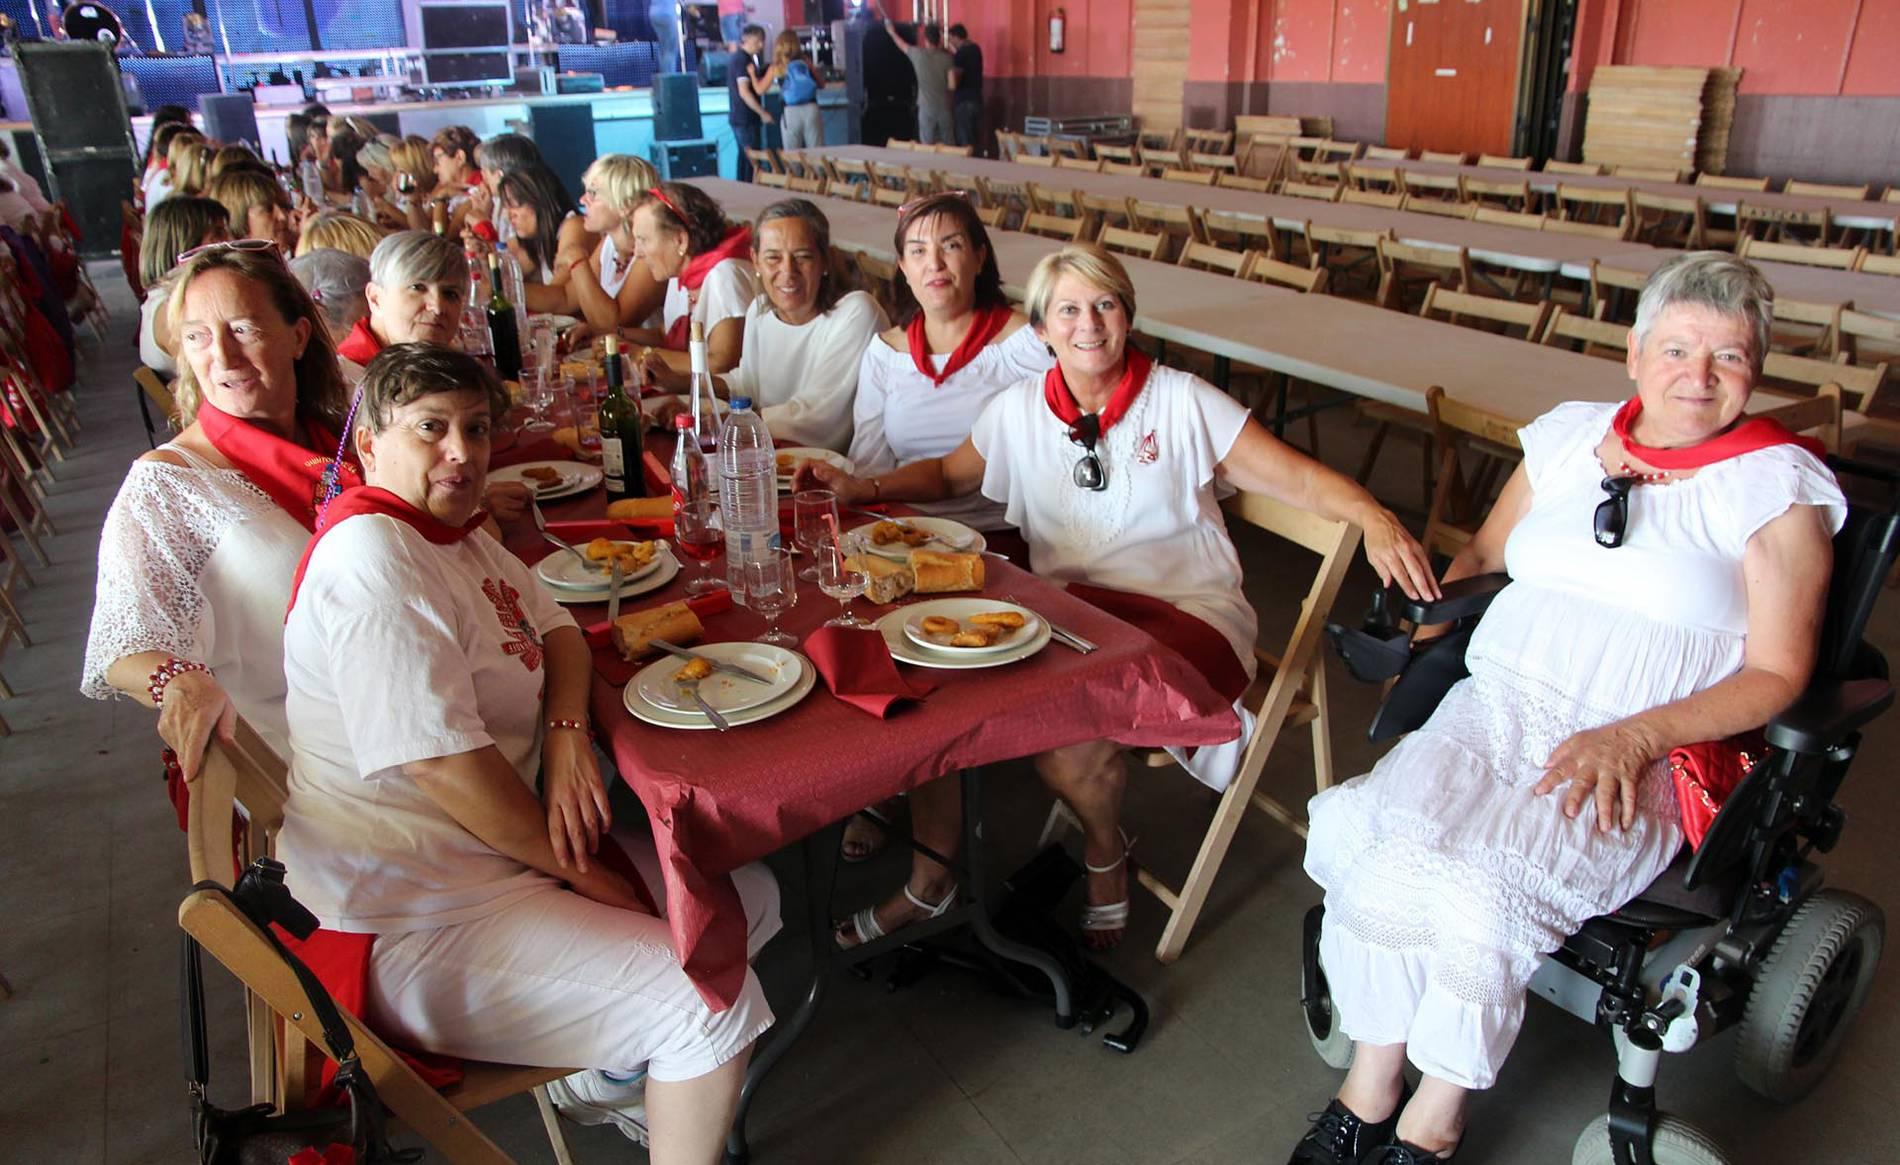 Comida del día de la mujer de las fiestas de Cabanillas (1/4) - Imágenes de la comida de la mujer de las fiestas de Cabanillas - Tudela y Ribera -